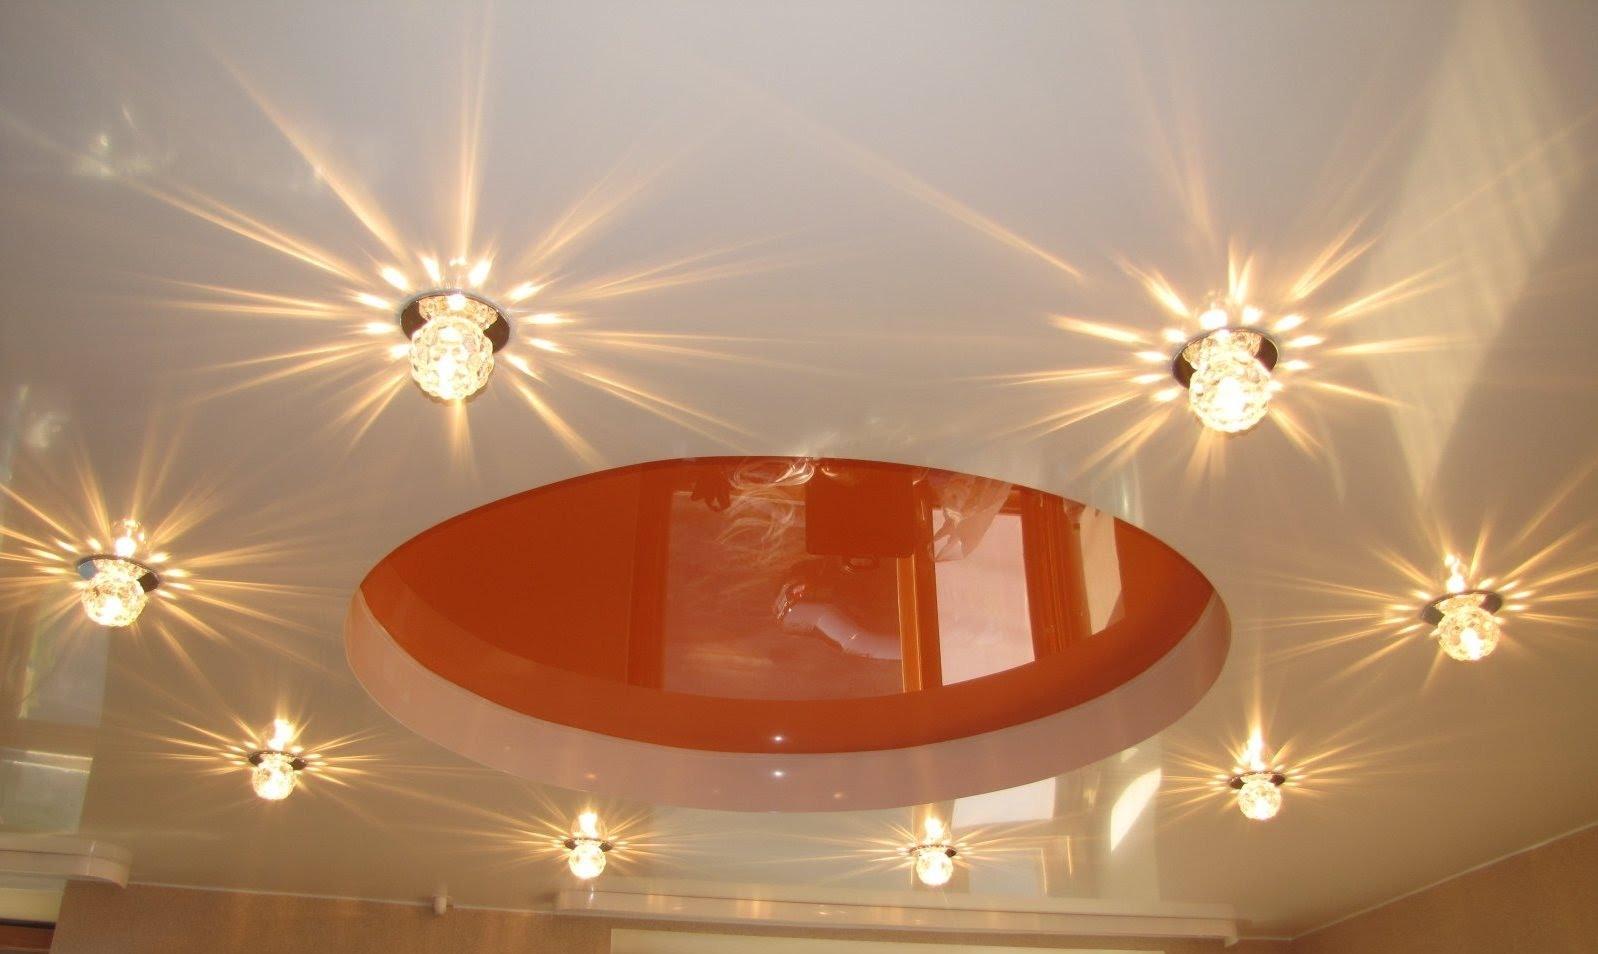 Светильники в форме шара отлично подойдут для потолка спальни